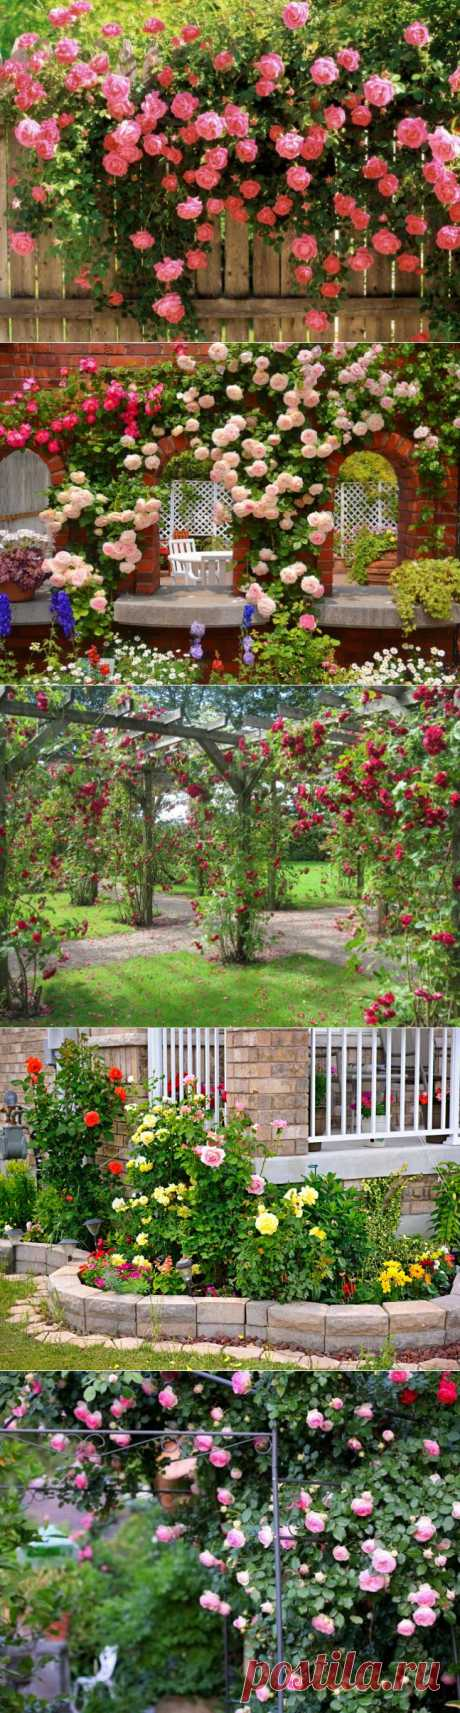 Лучшее украшение для сада: розарий - Портал «Домашний»